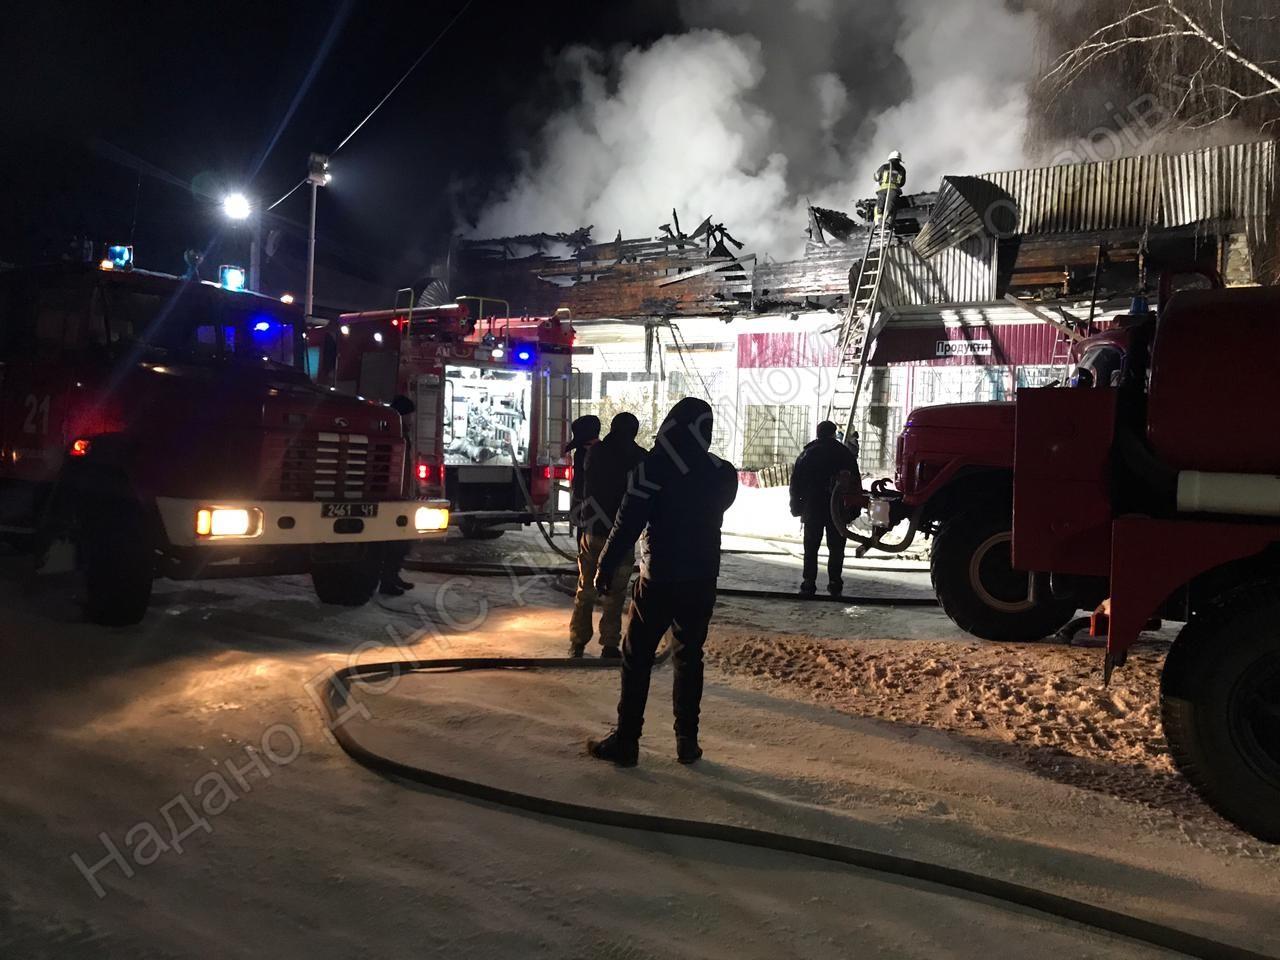 Пожежа магазину в Шевченковому 16-17.02.2021